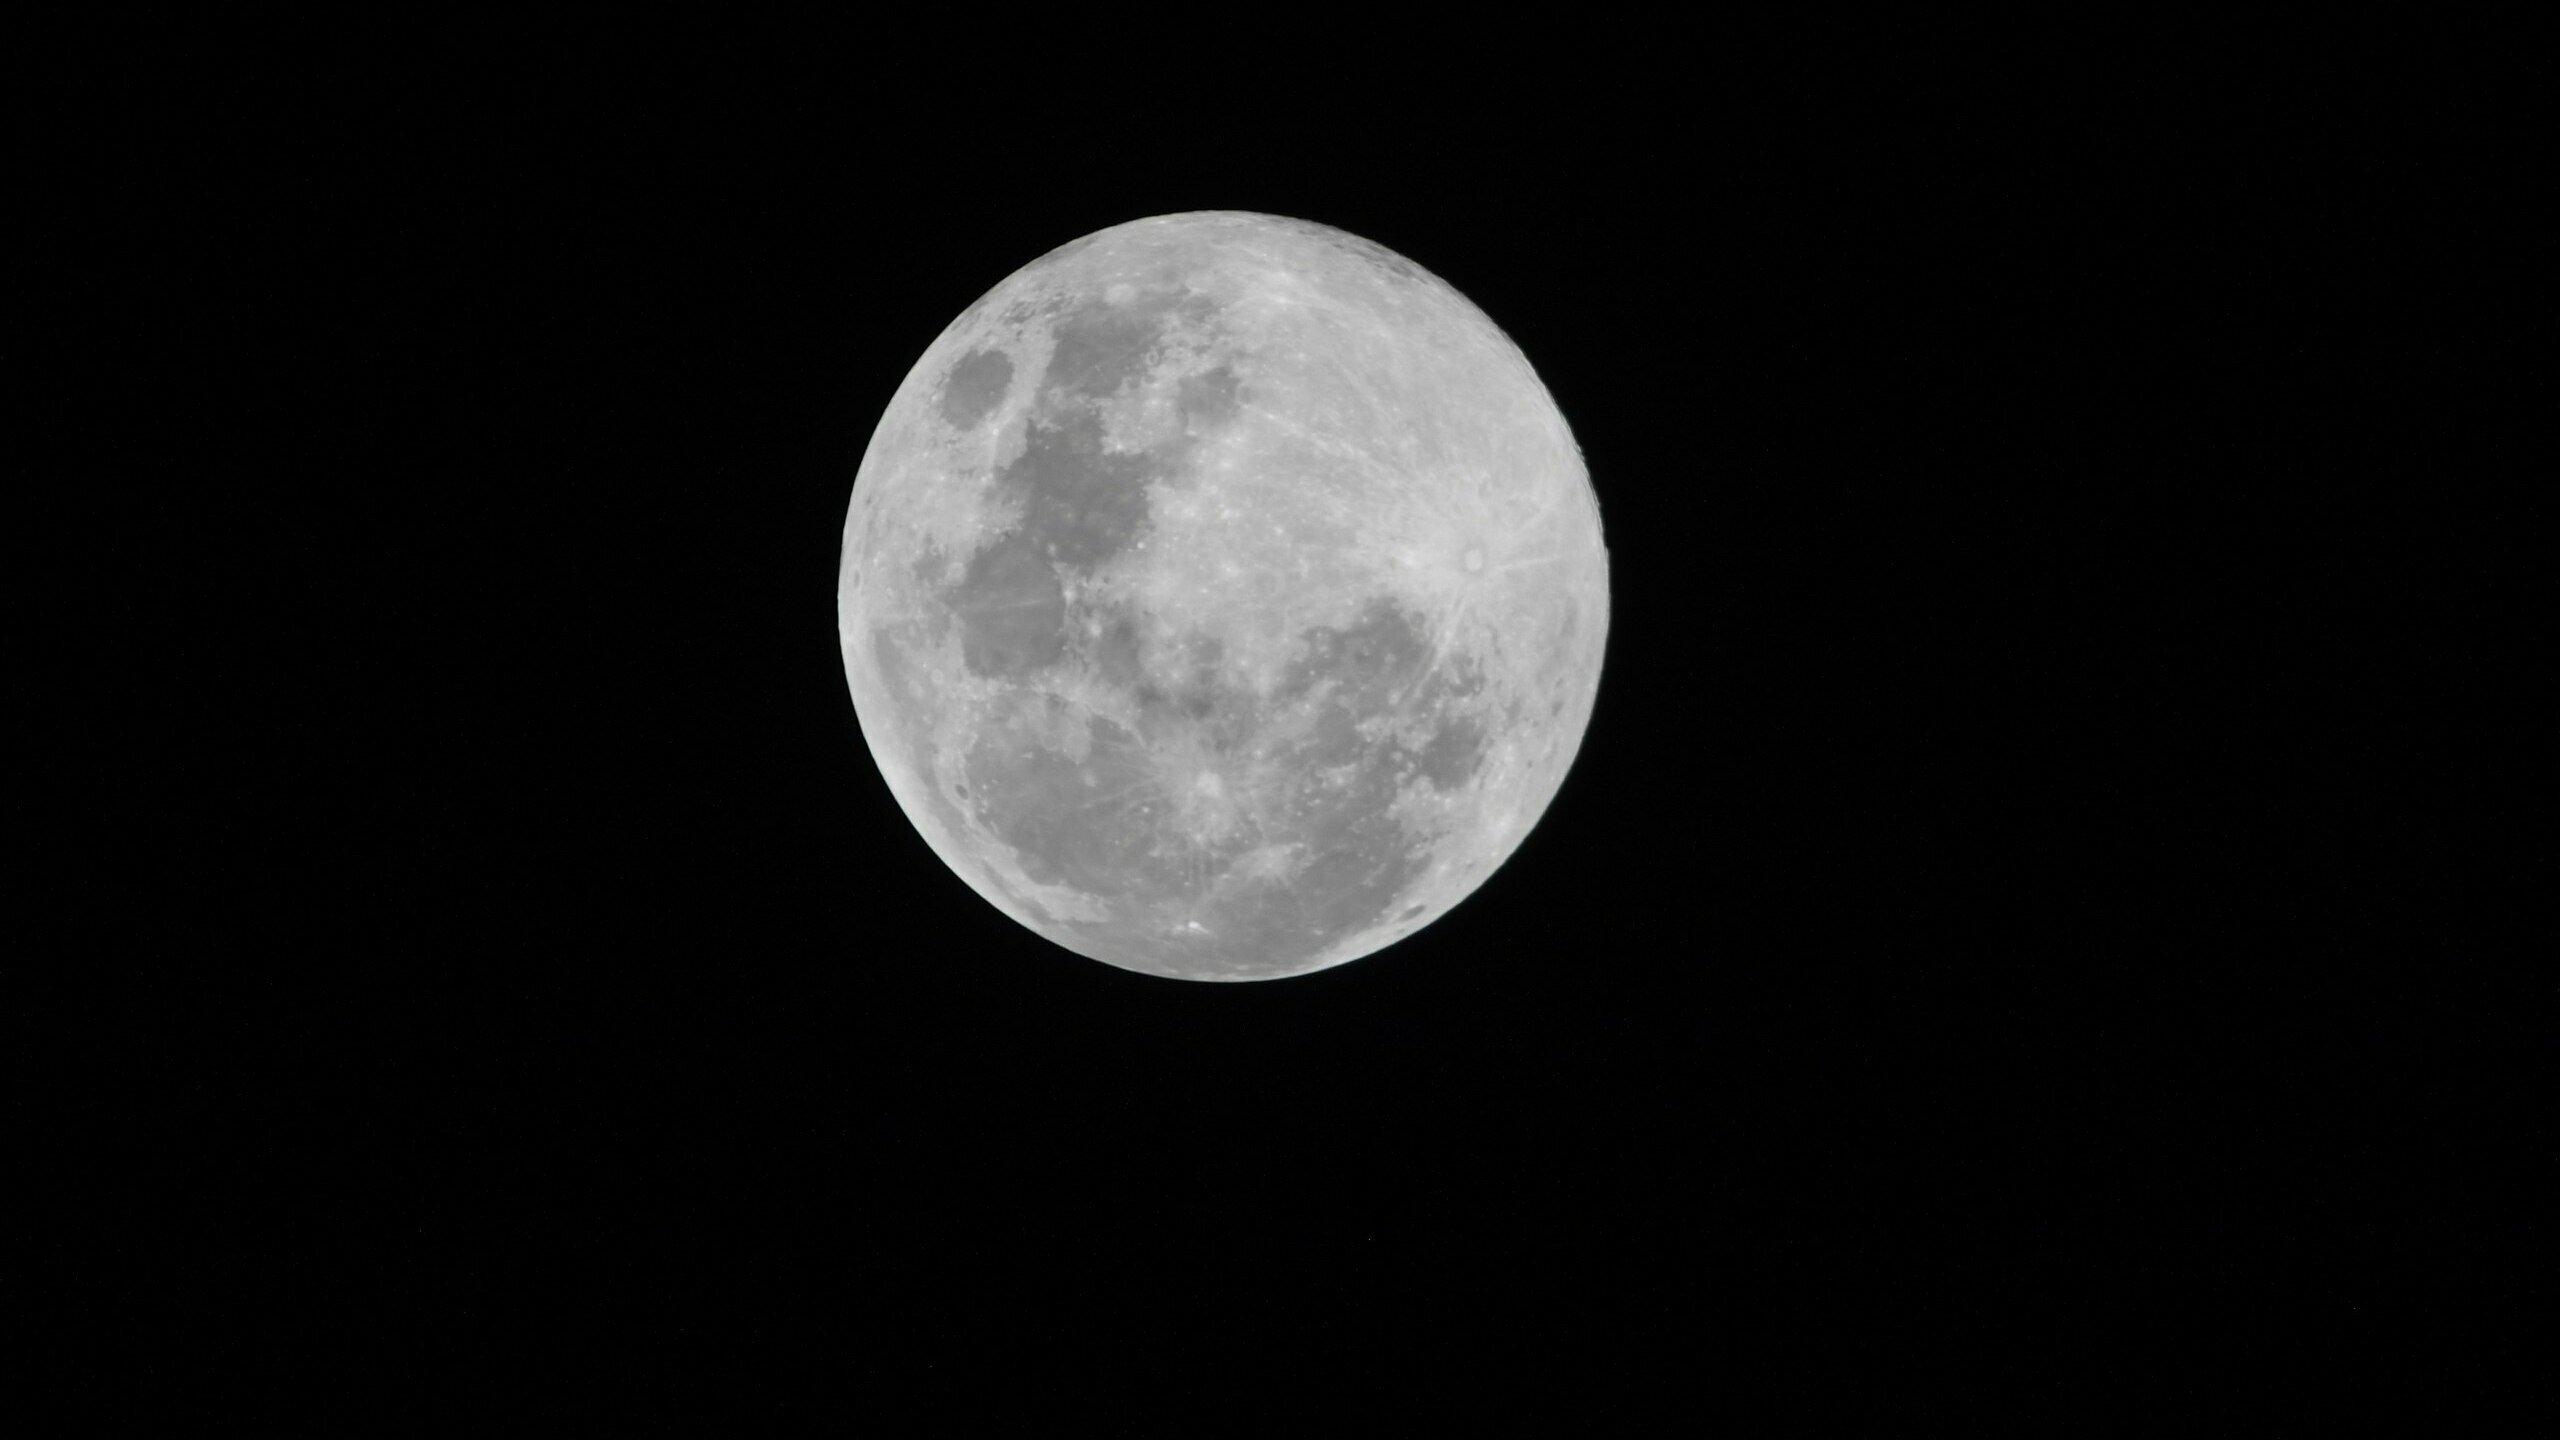 Российская корпорация предложила туристам облететь Луну за 180 млн долларов